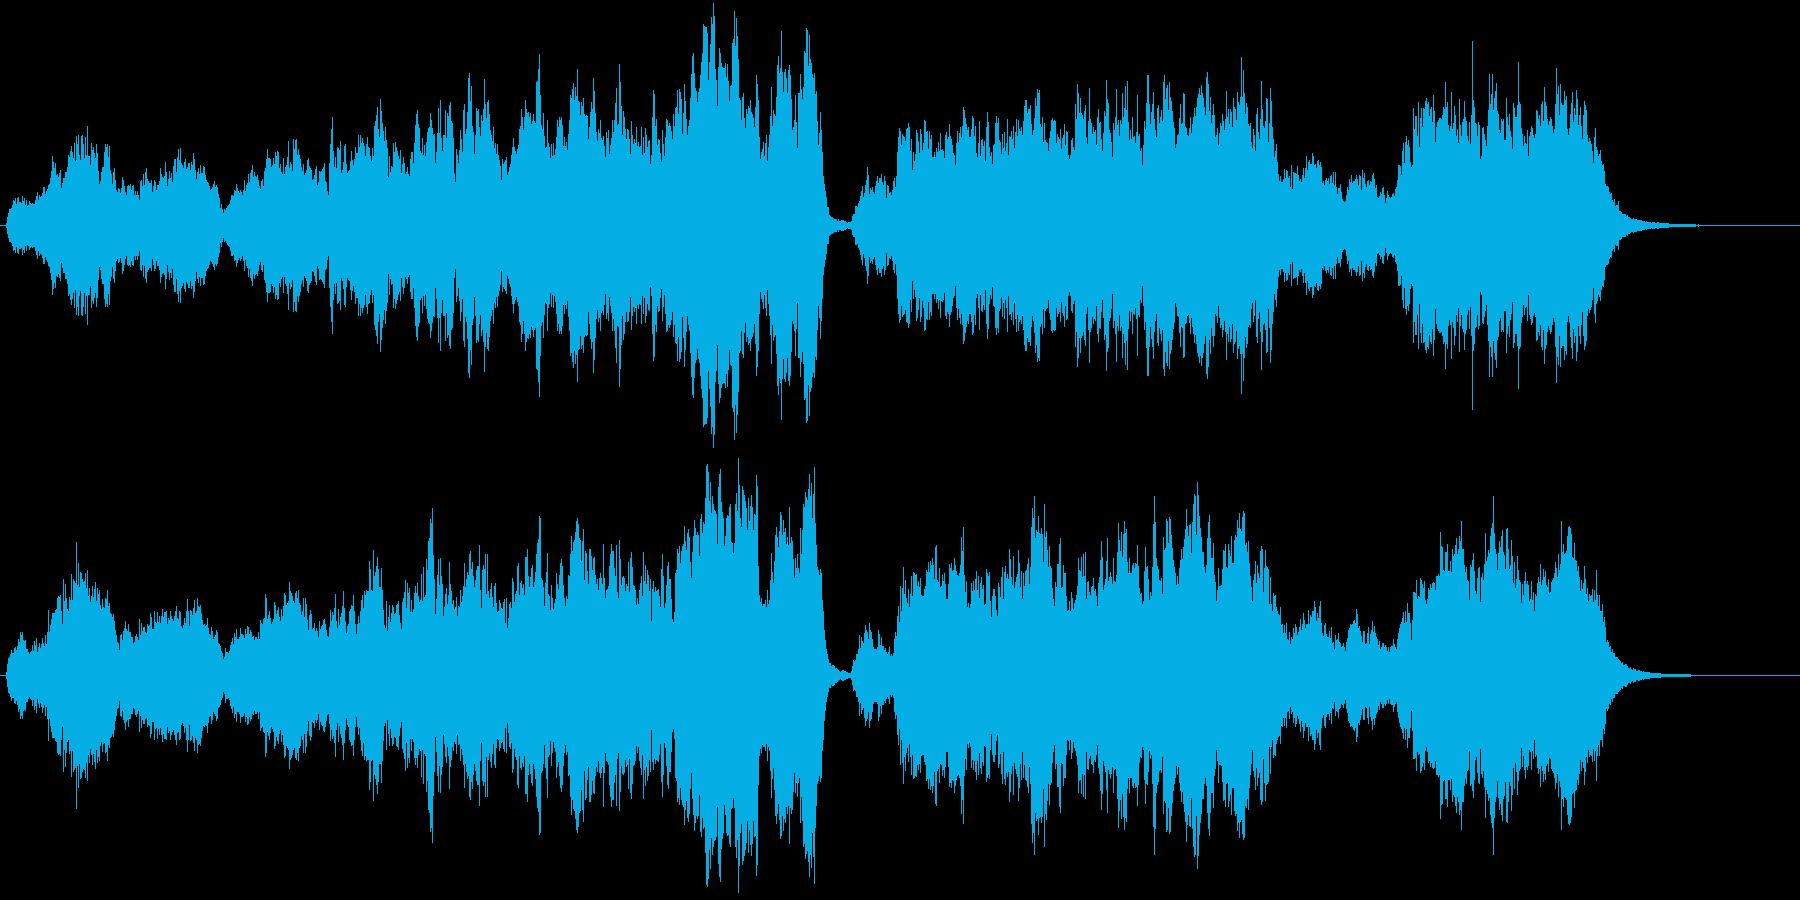 壮大で悲壮感のあるオーケストラ-短縮版-の再生済みの波形